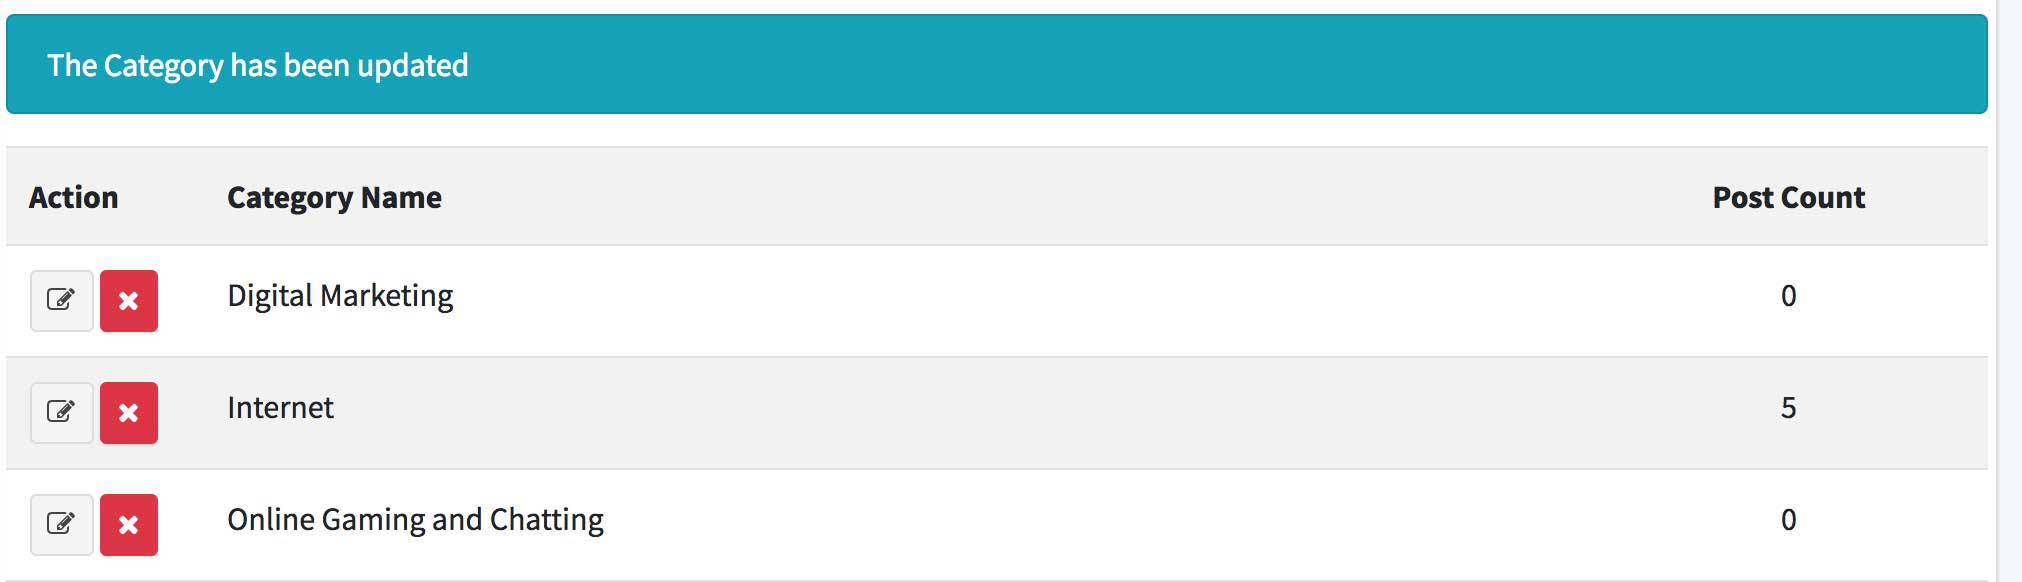 Membuat Blog dengan Laravel 5.7 dan AdminLTE 3 (15) – Manage Kategori 3